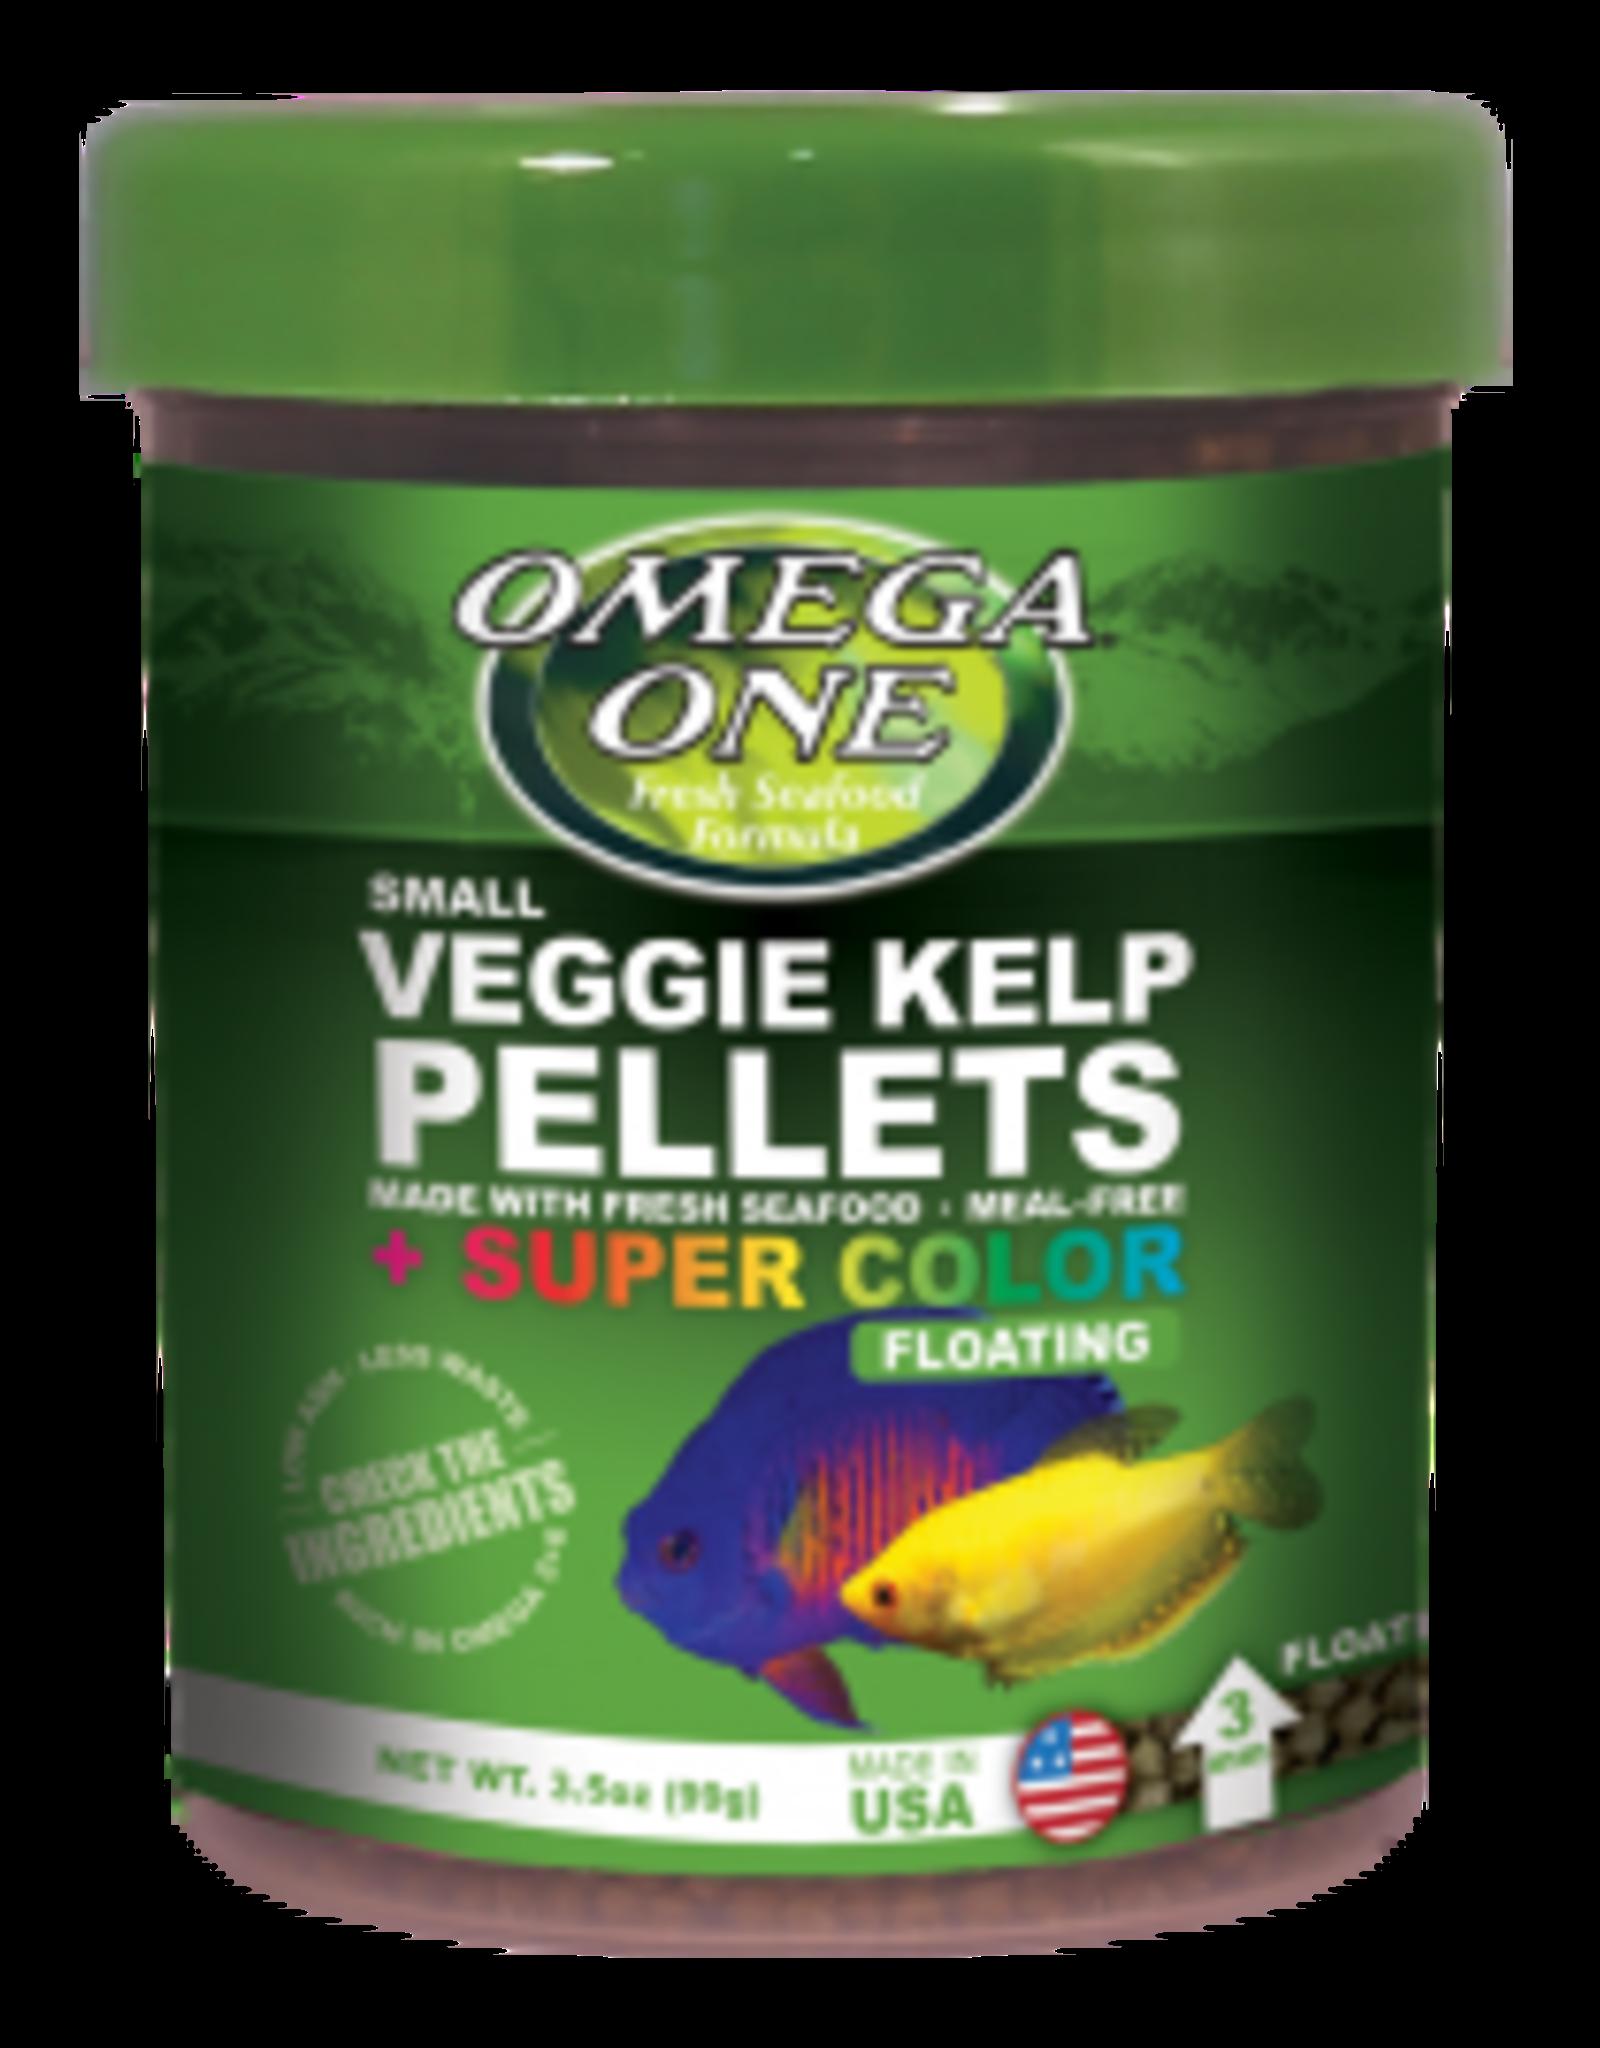 Omega One Food OMEGA ONE Super Colour Veggie Kelp Pellets Floating